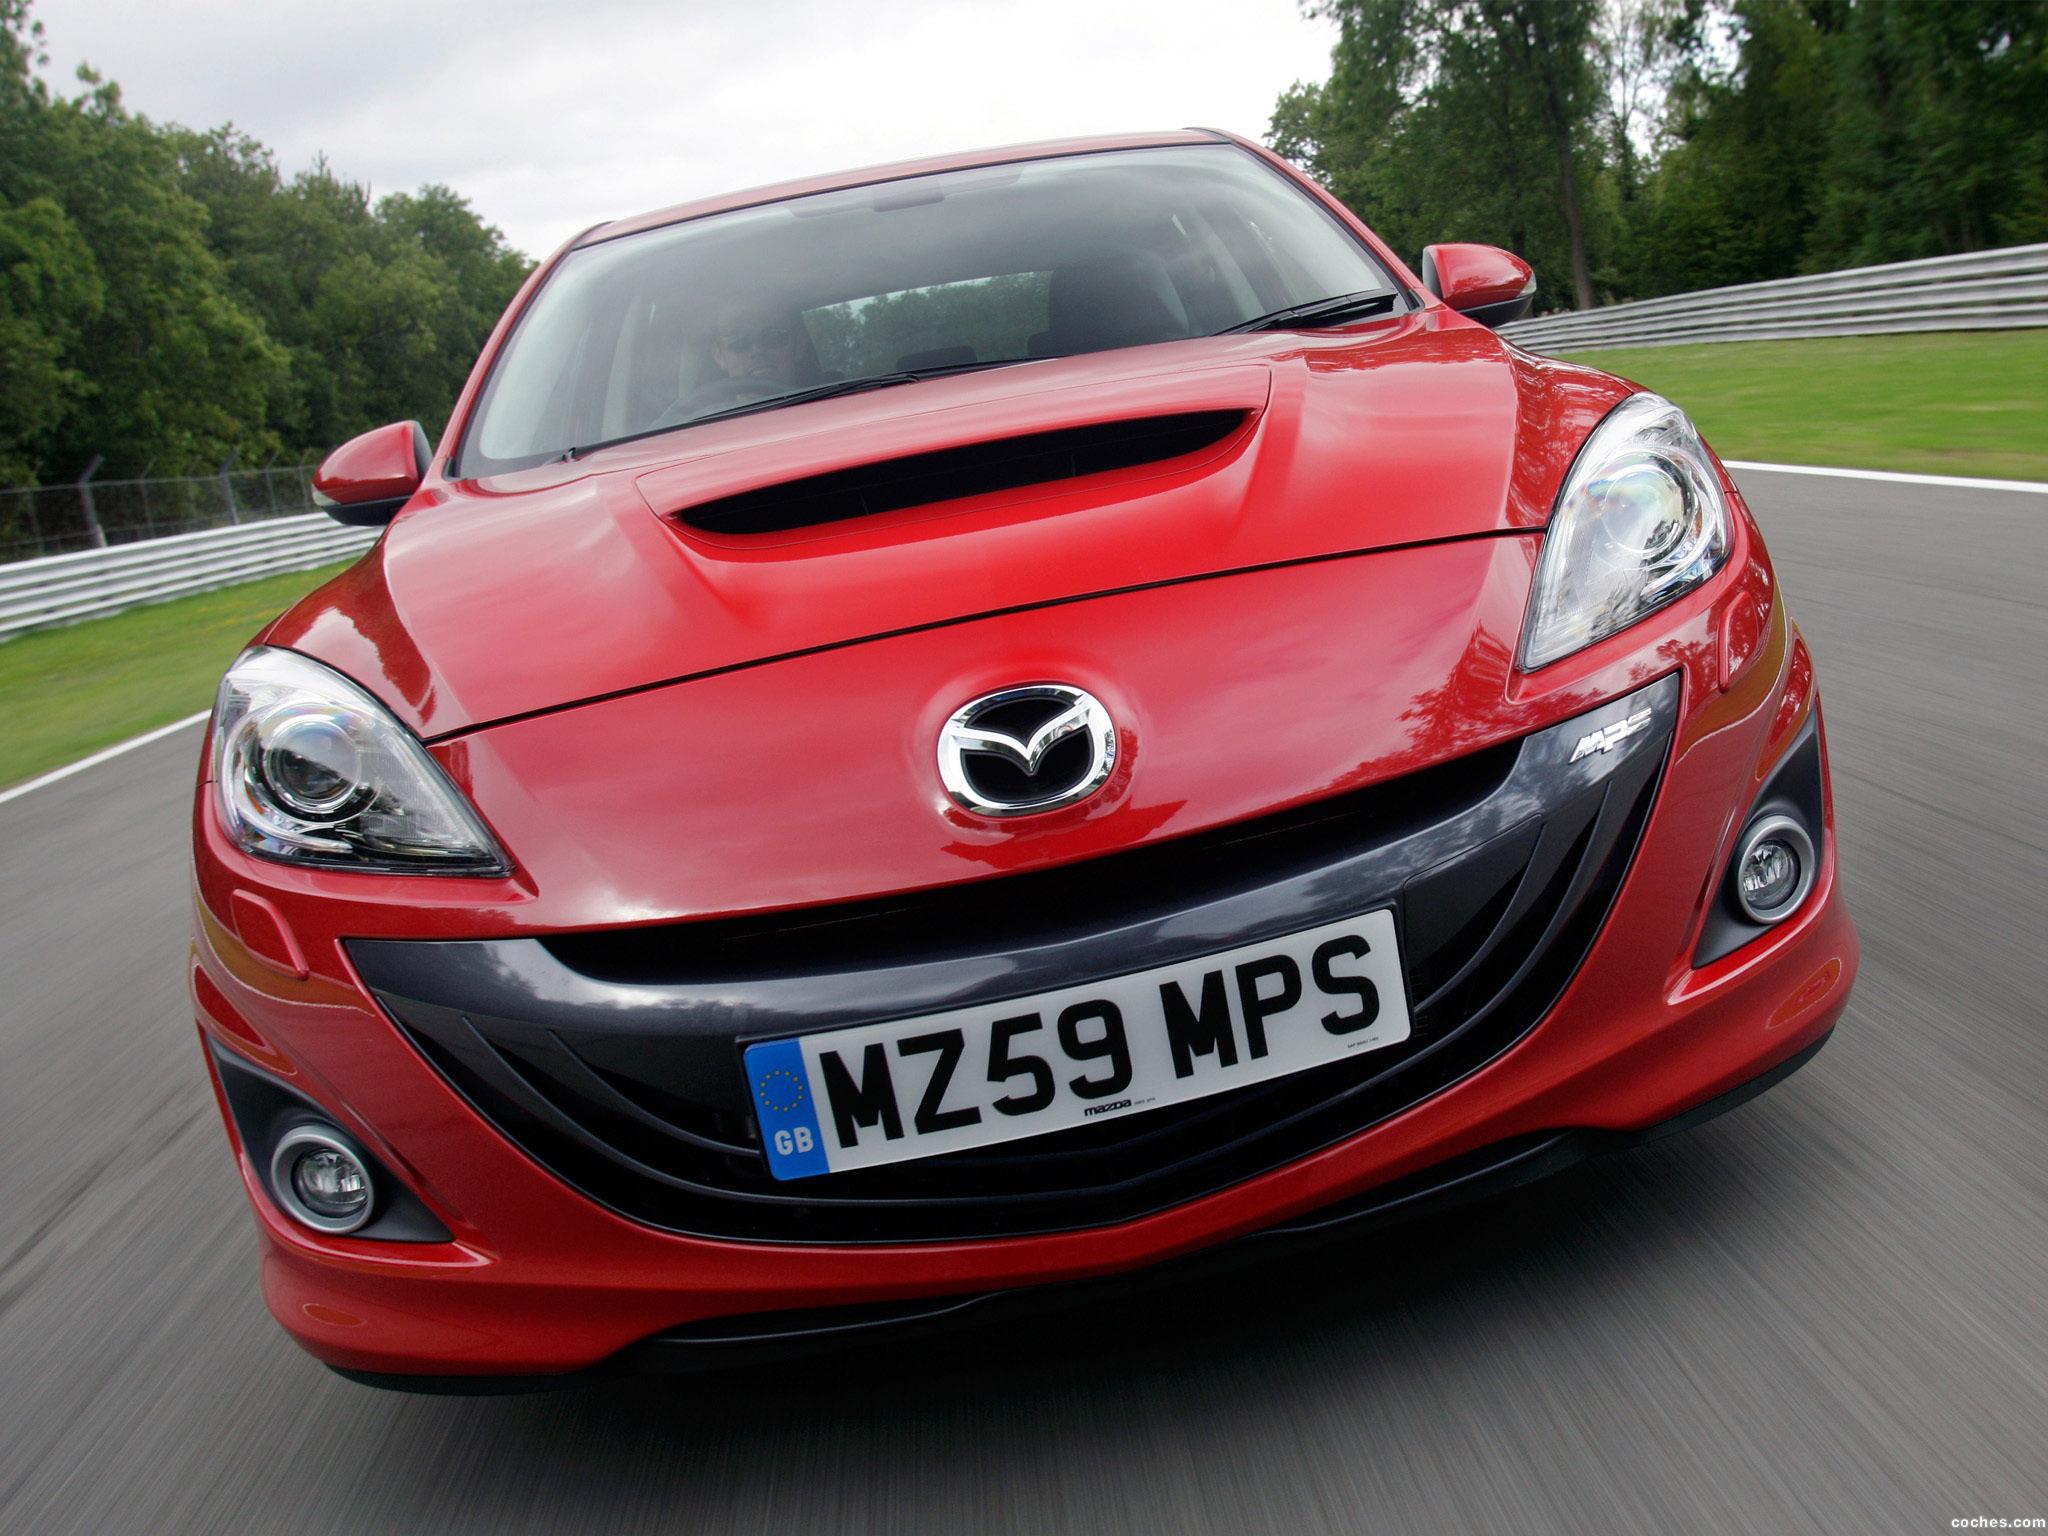 Foto 2 de Mazda 3 MPS UK 2009